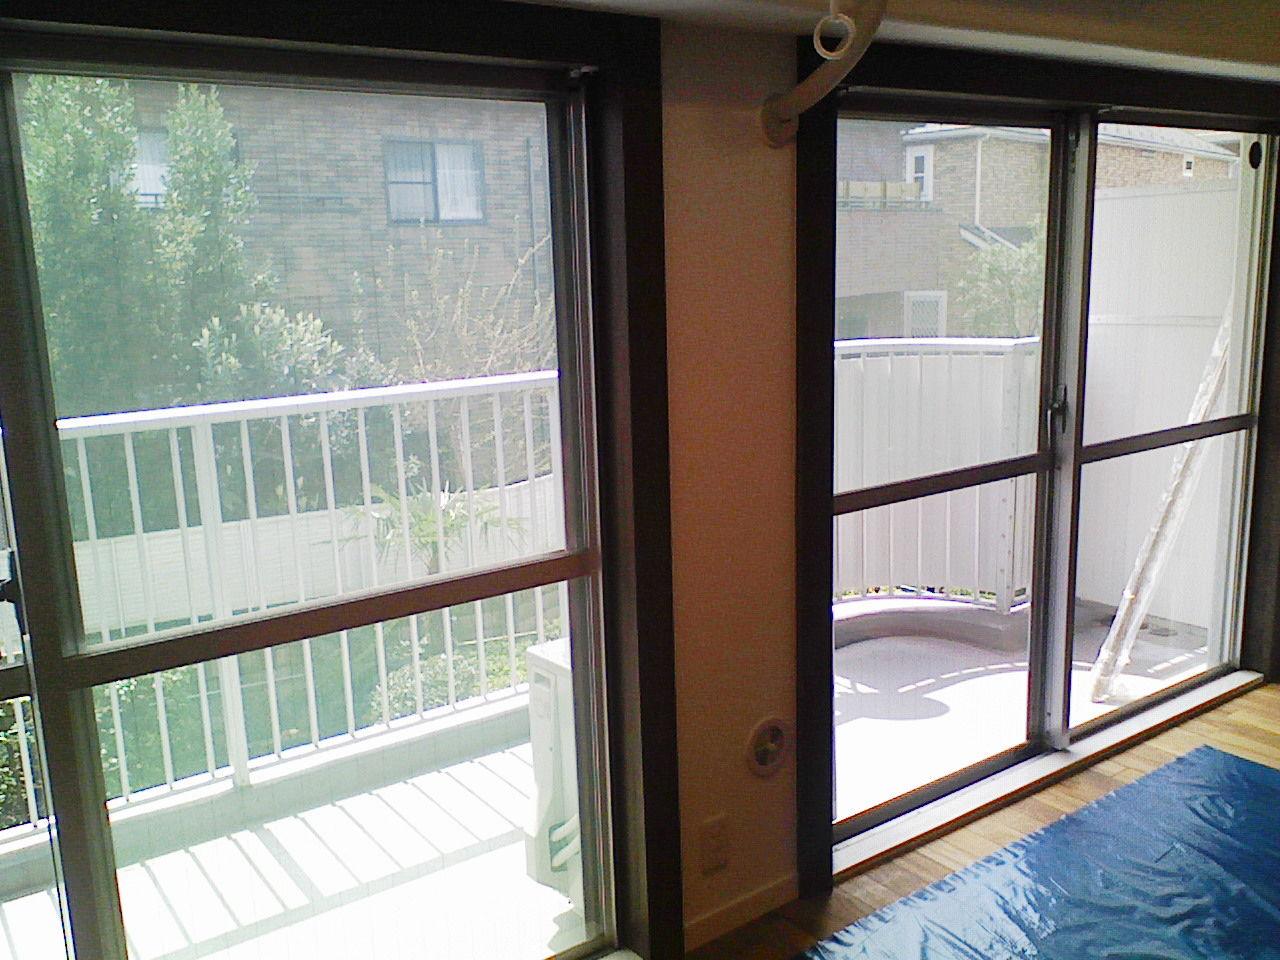 ライトニッケル50施工完了室内側より撮影